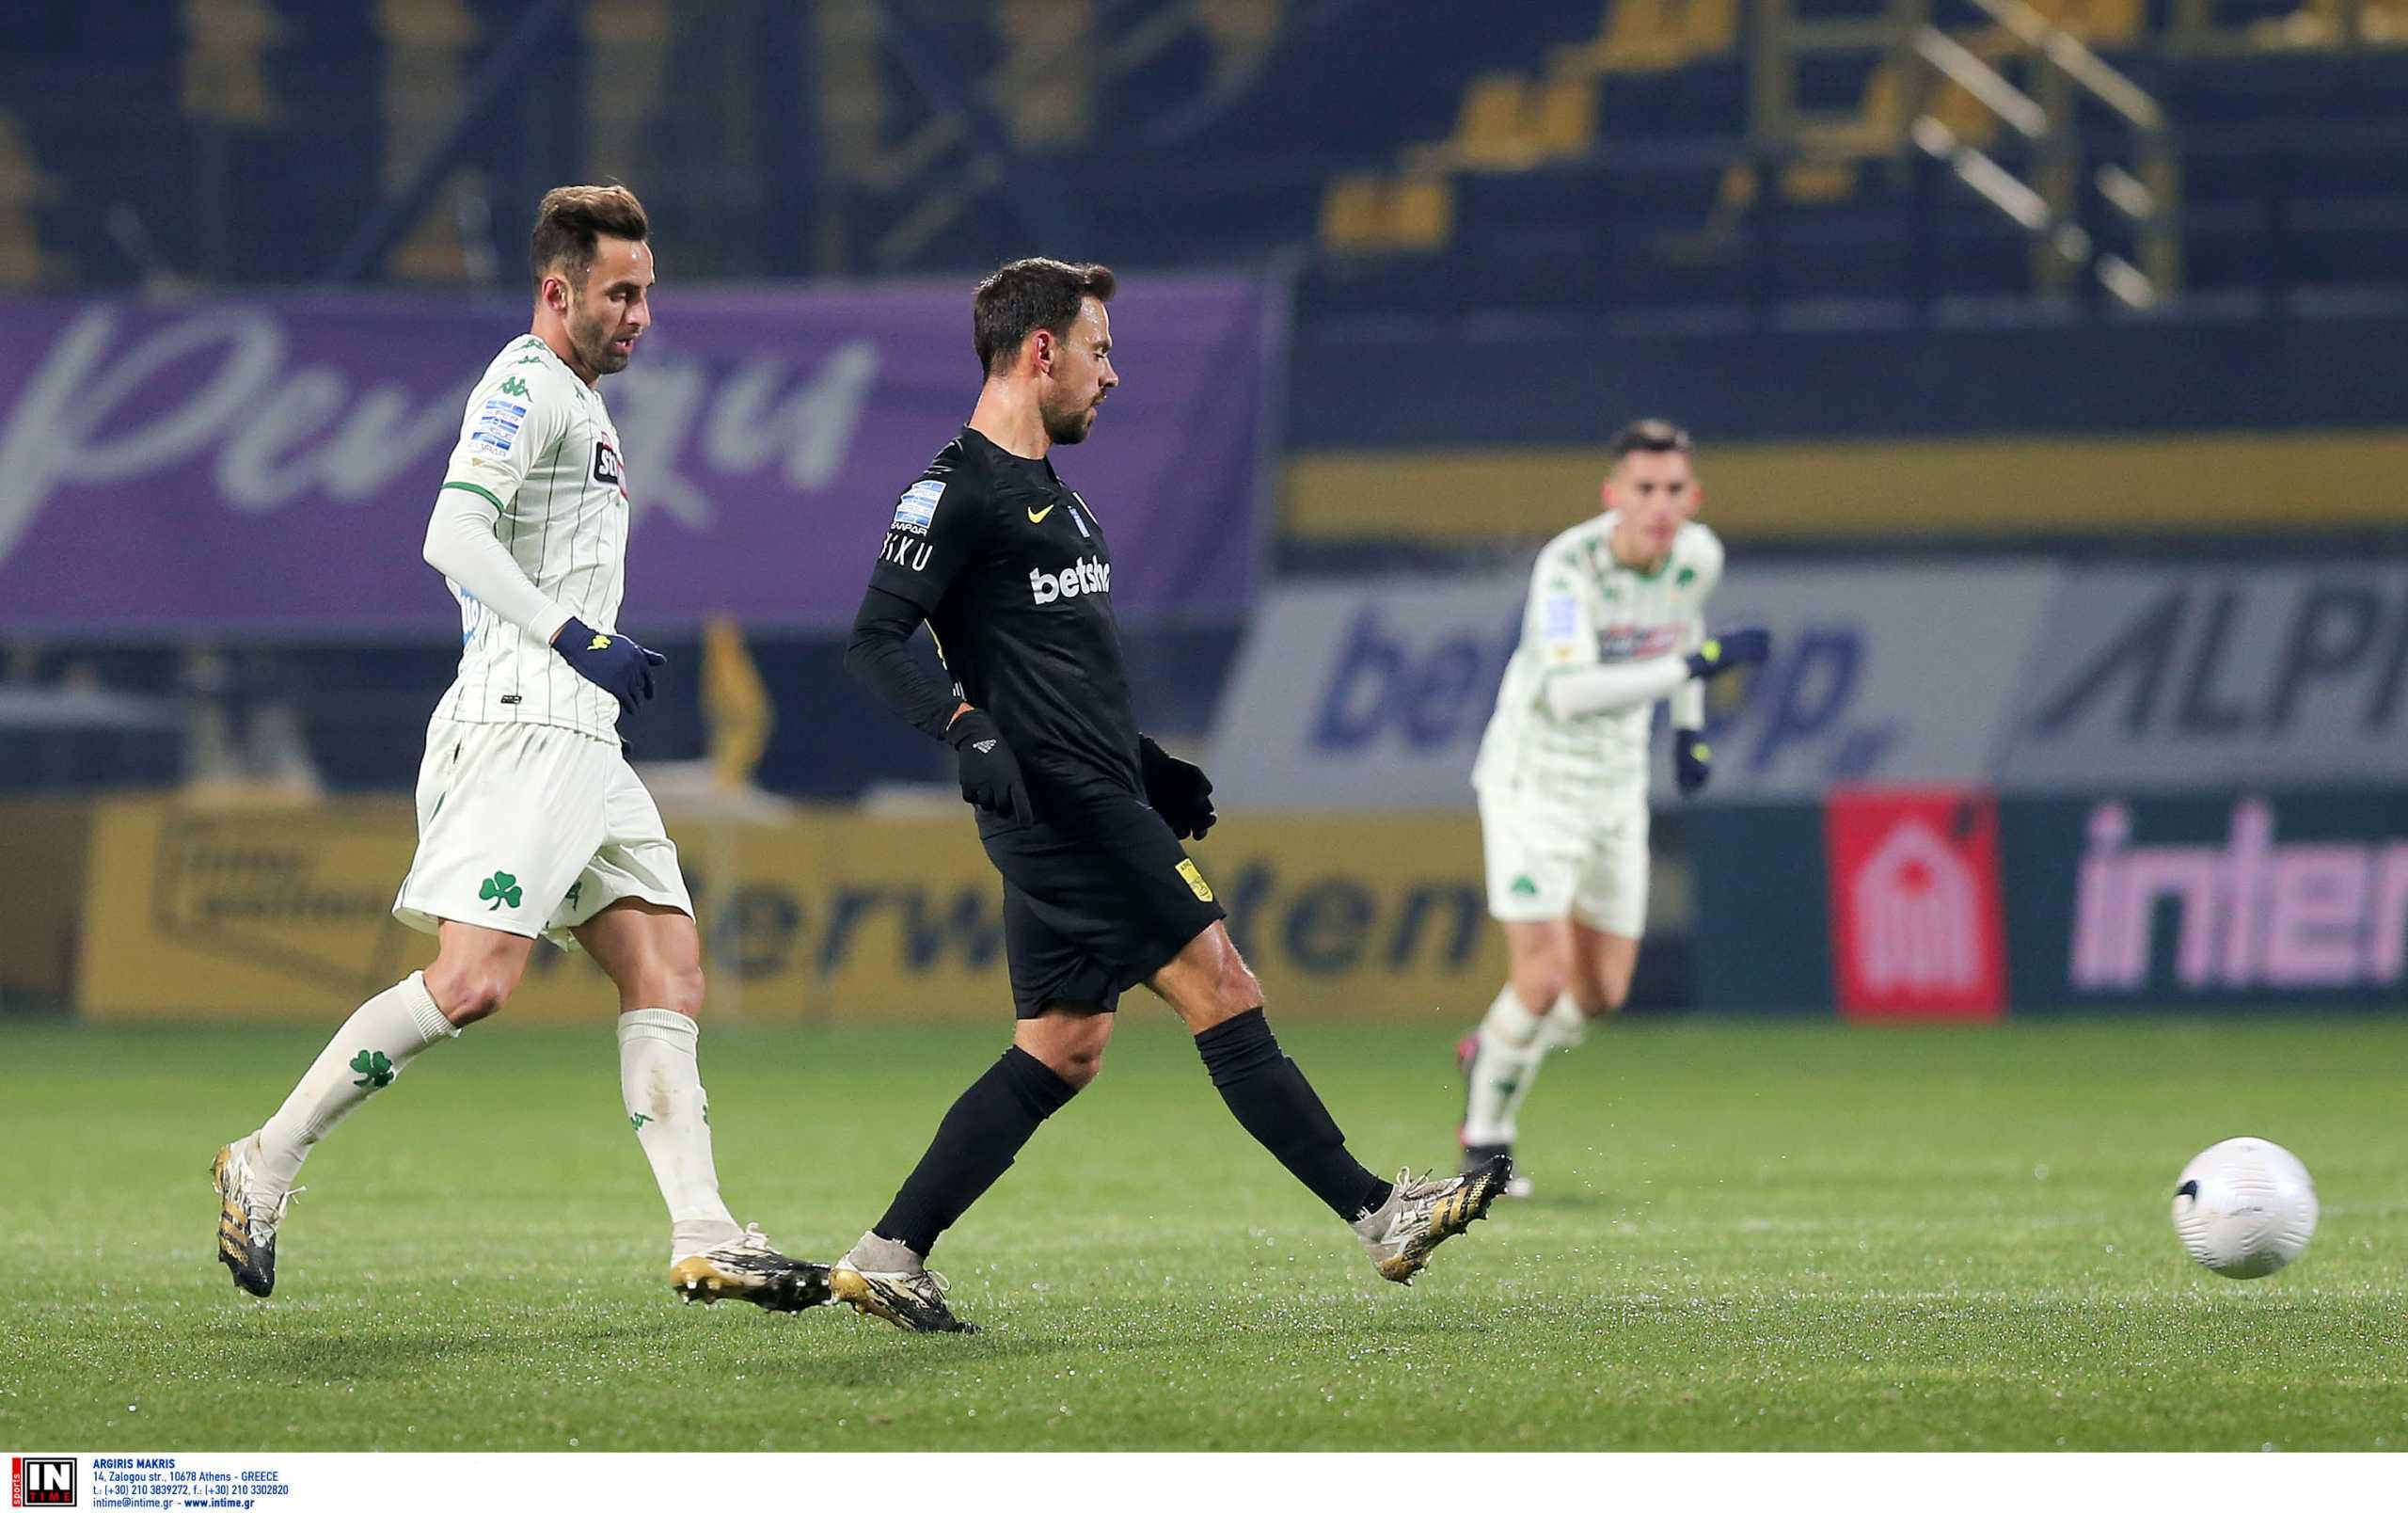 Ντέρμπι για την Ευρώπη στα play off της Super League